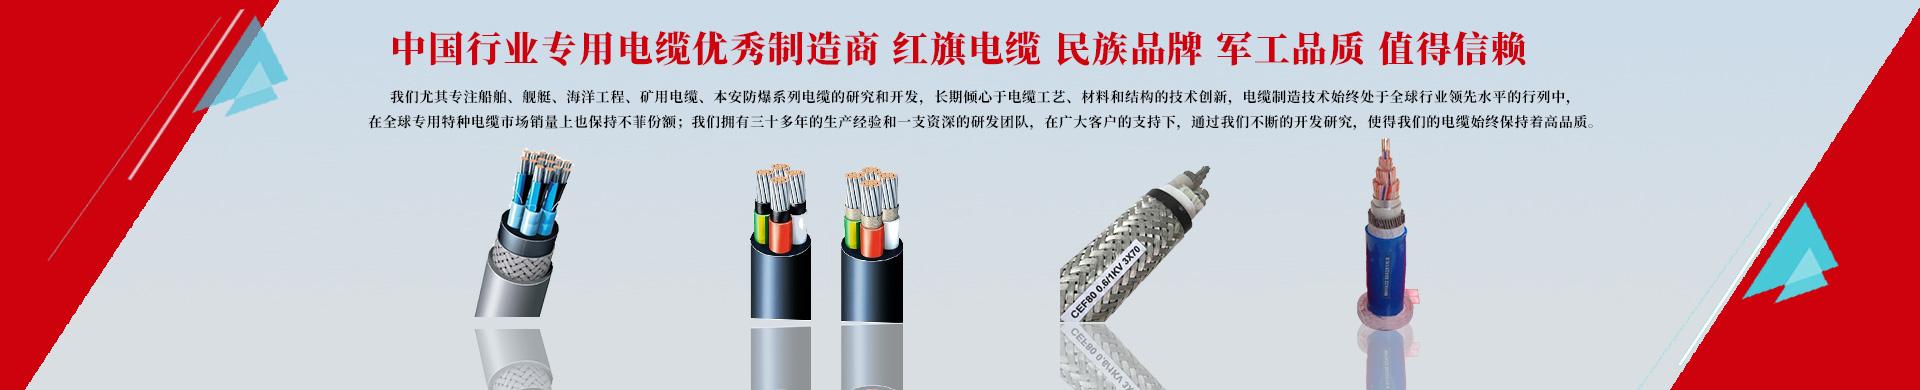 扬州市红旗电缆制造有限公司